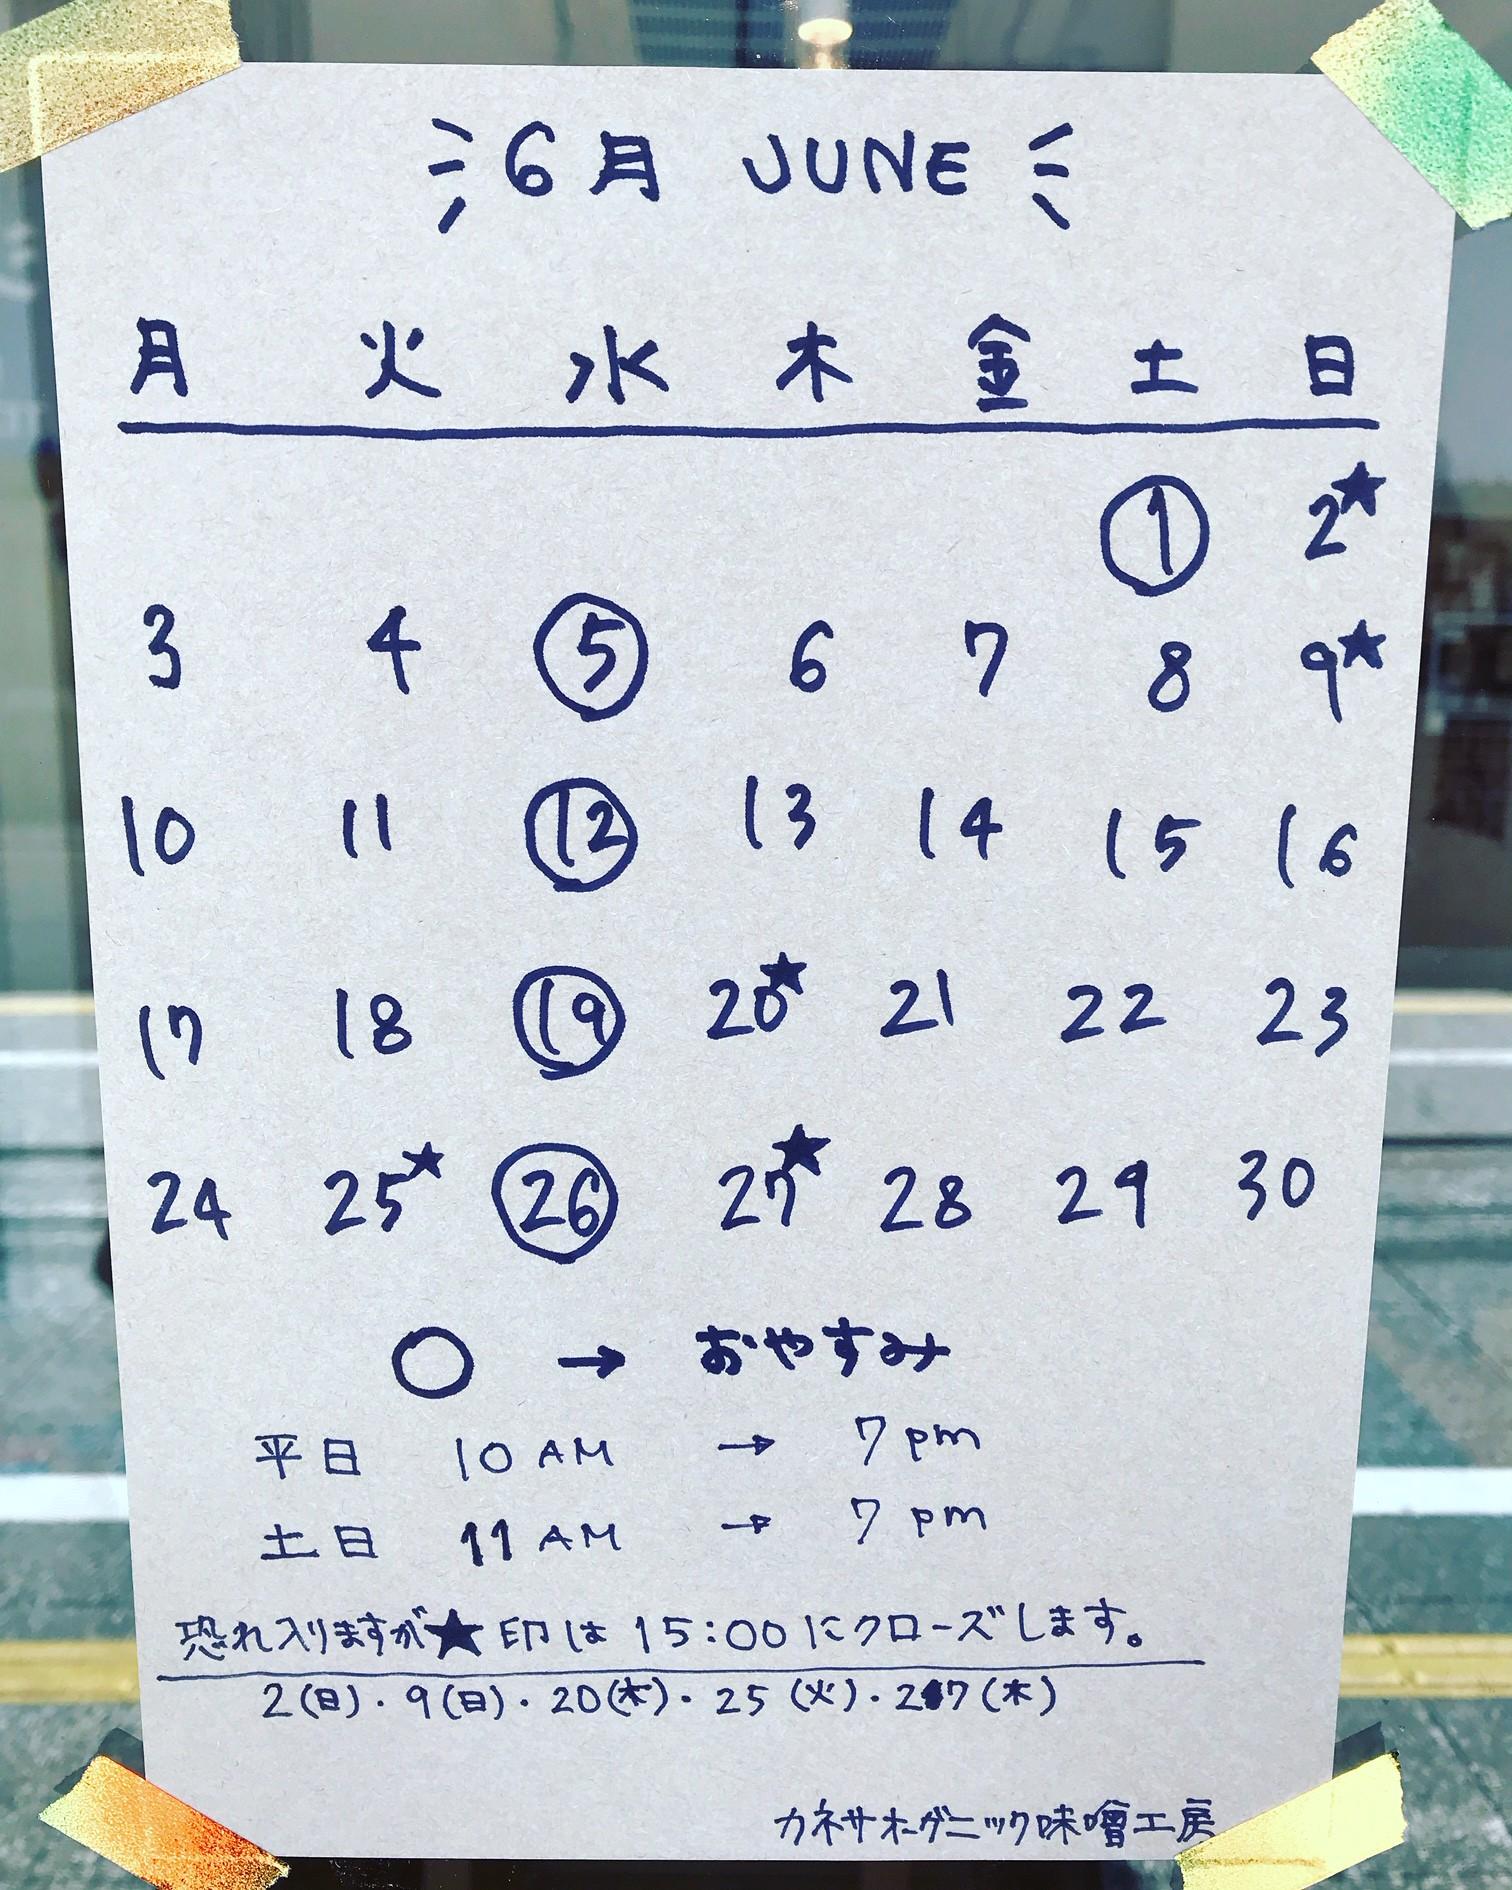 【2019年6月】松陰神社前店 営業カレンダー